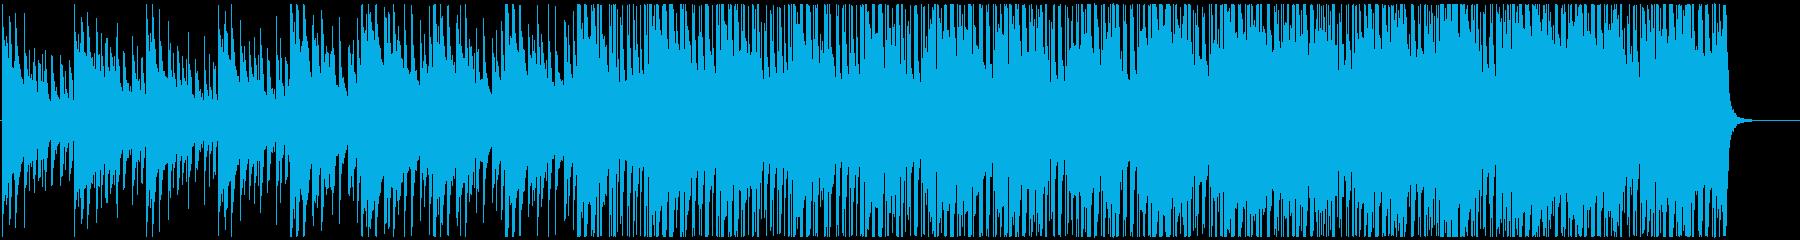 爽やかで透明感のあるオーガニックポップの再生済みの波形